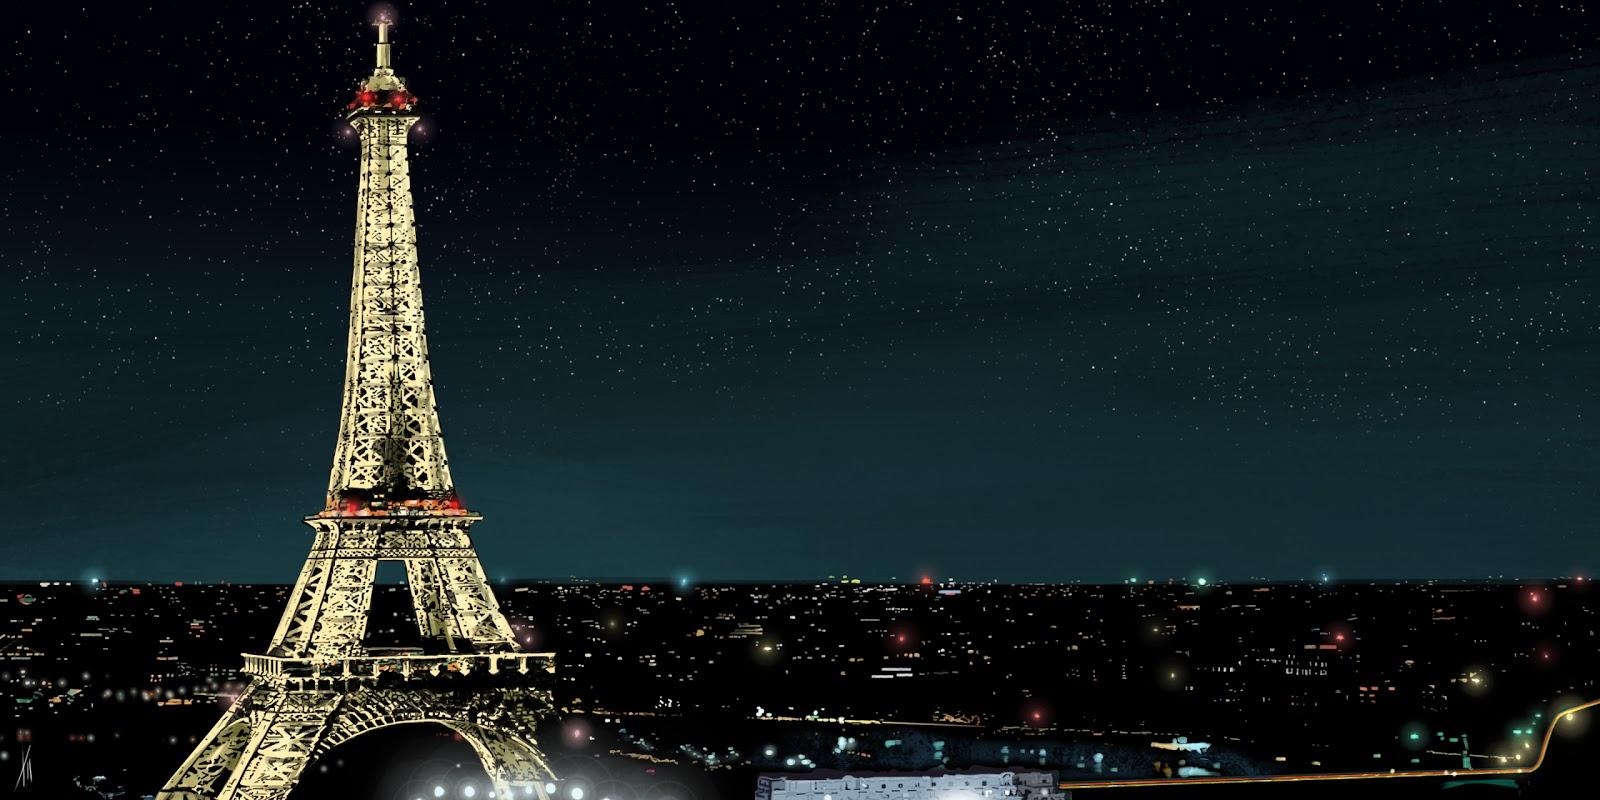 Travis Dixon: Paris At Night